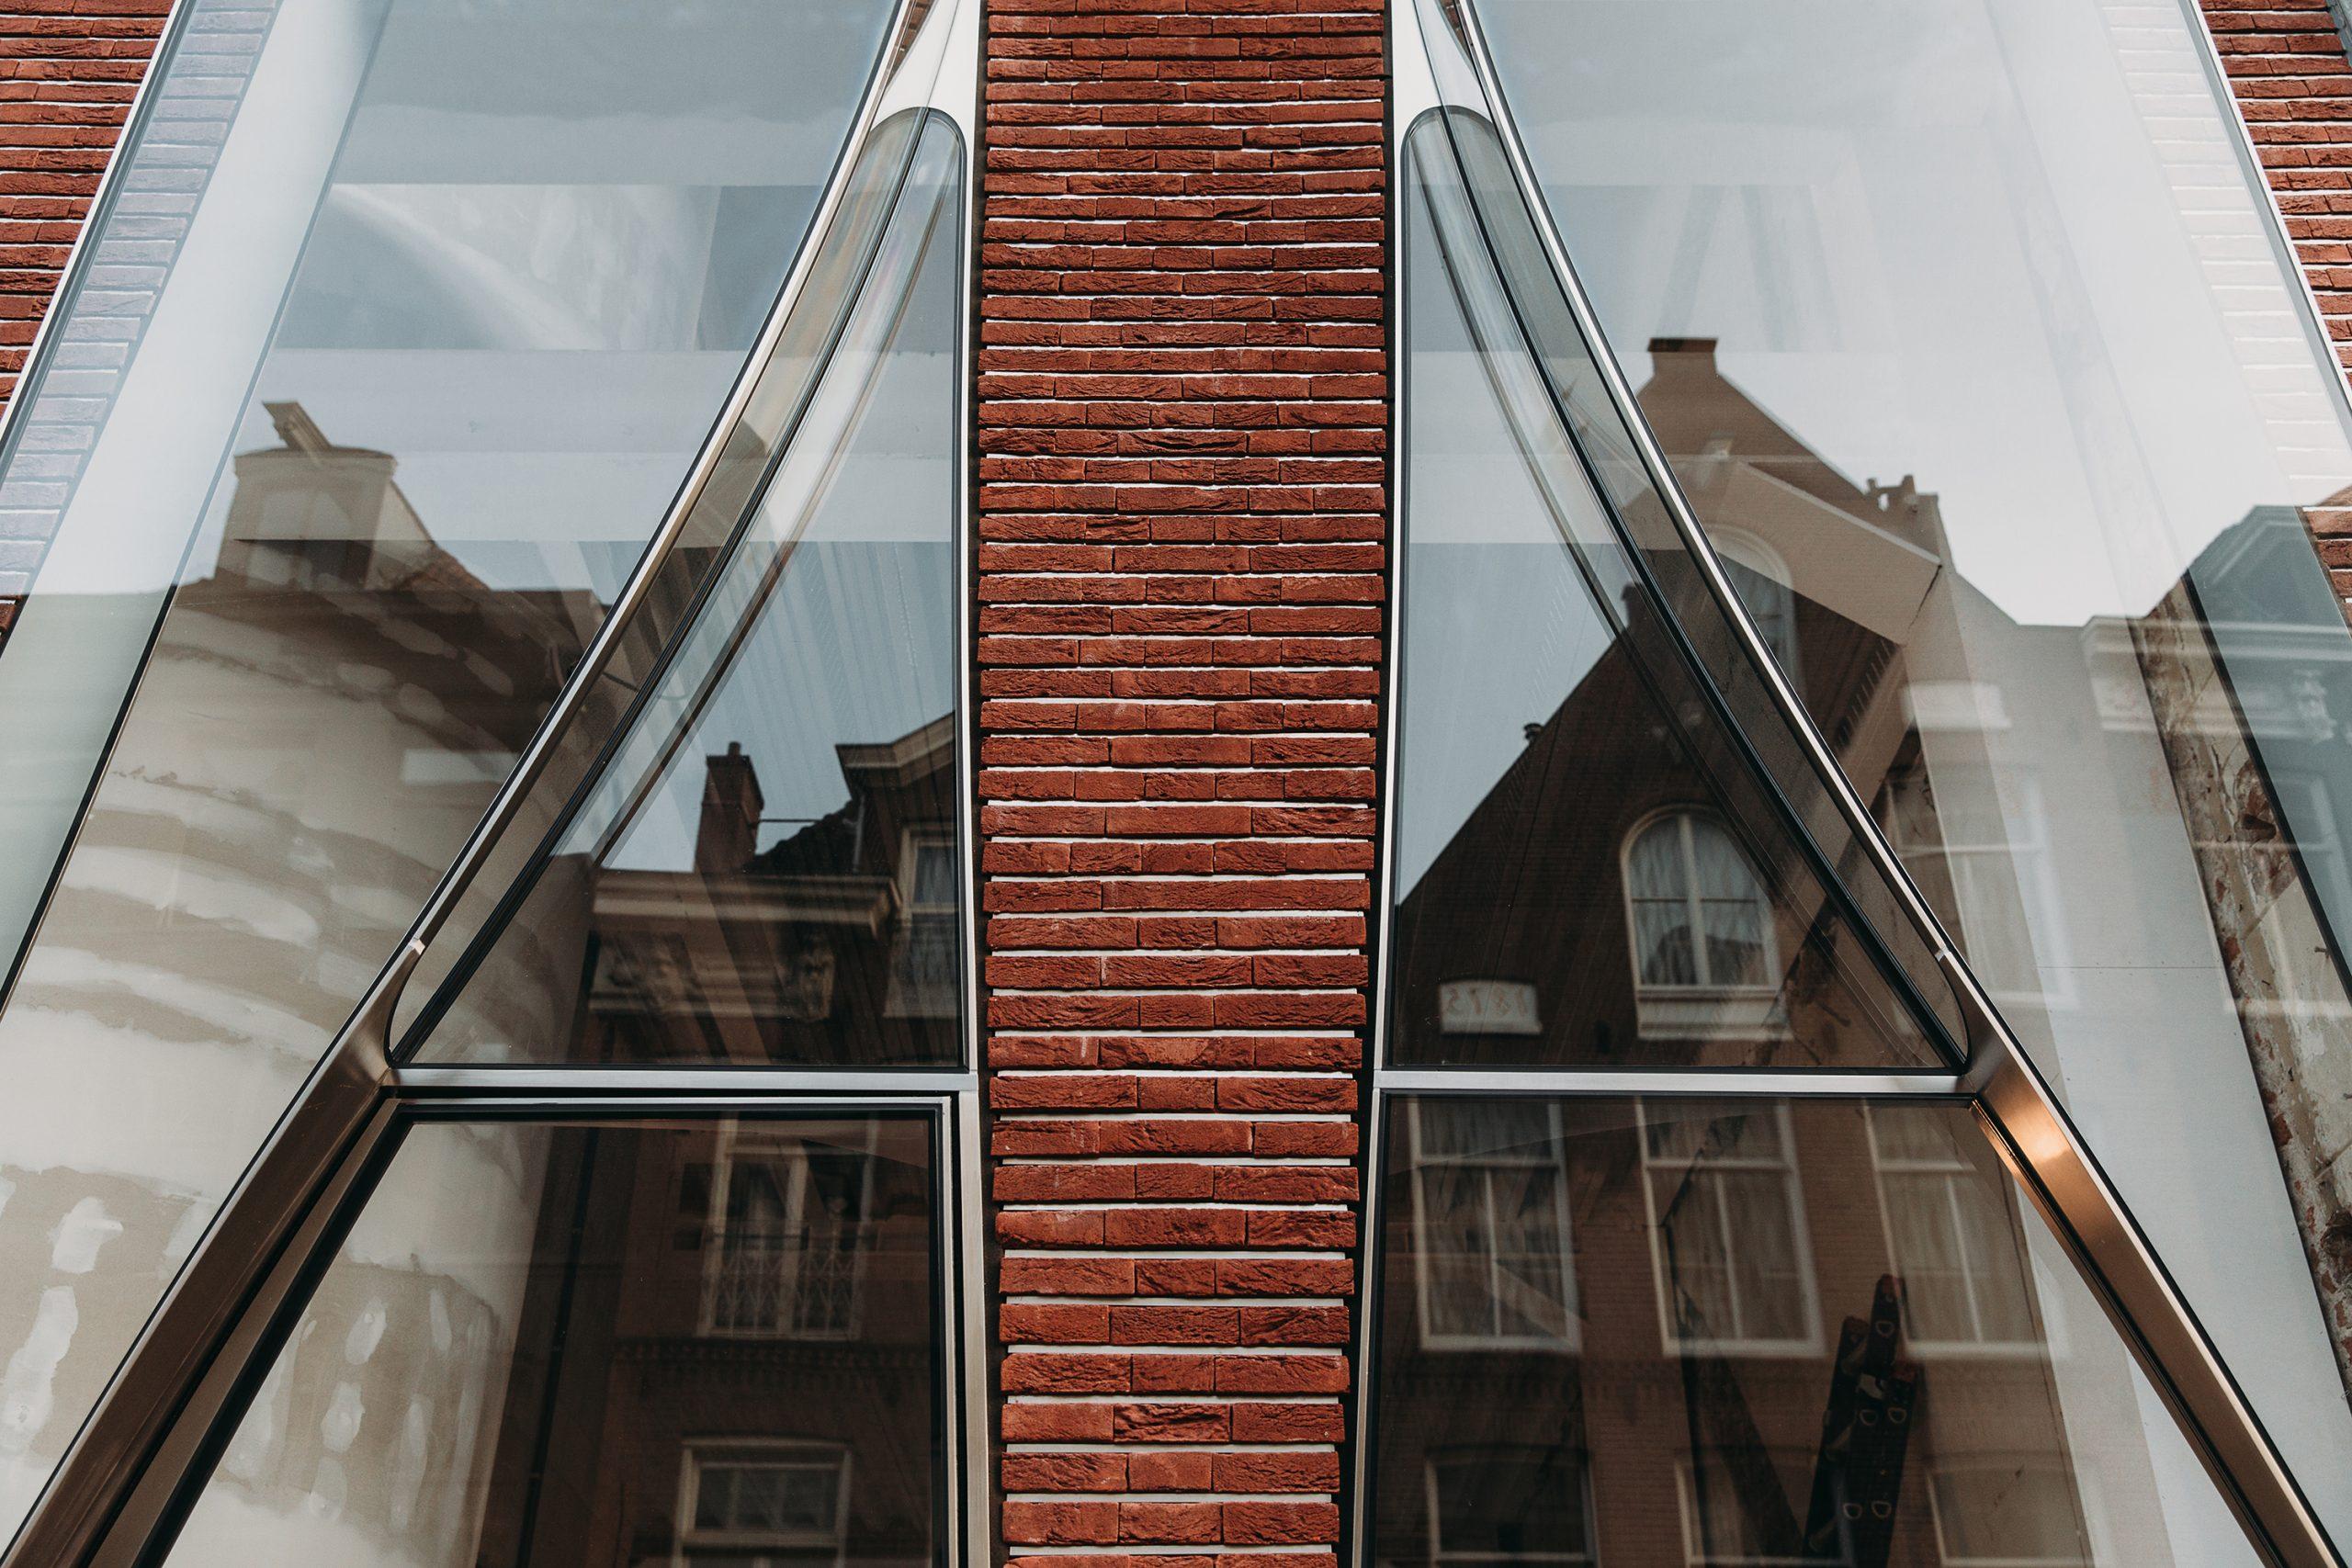 Ondulaciones y pixeles en vidrio conectan la moda y la arquitectura en la calle Hooftstraat, Amsterdam 13